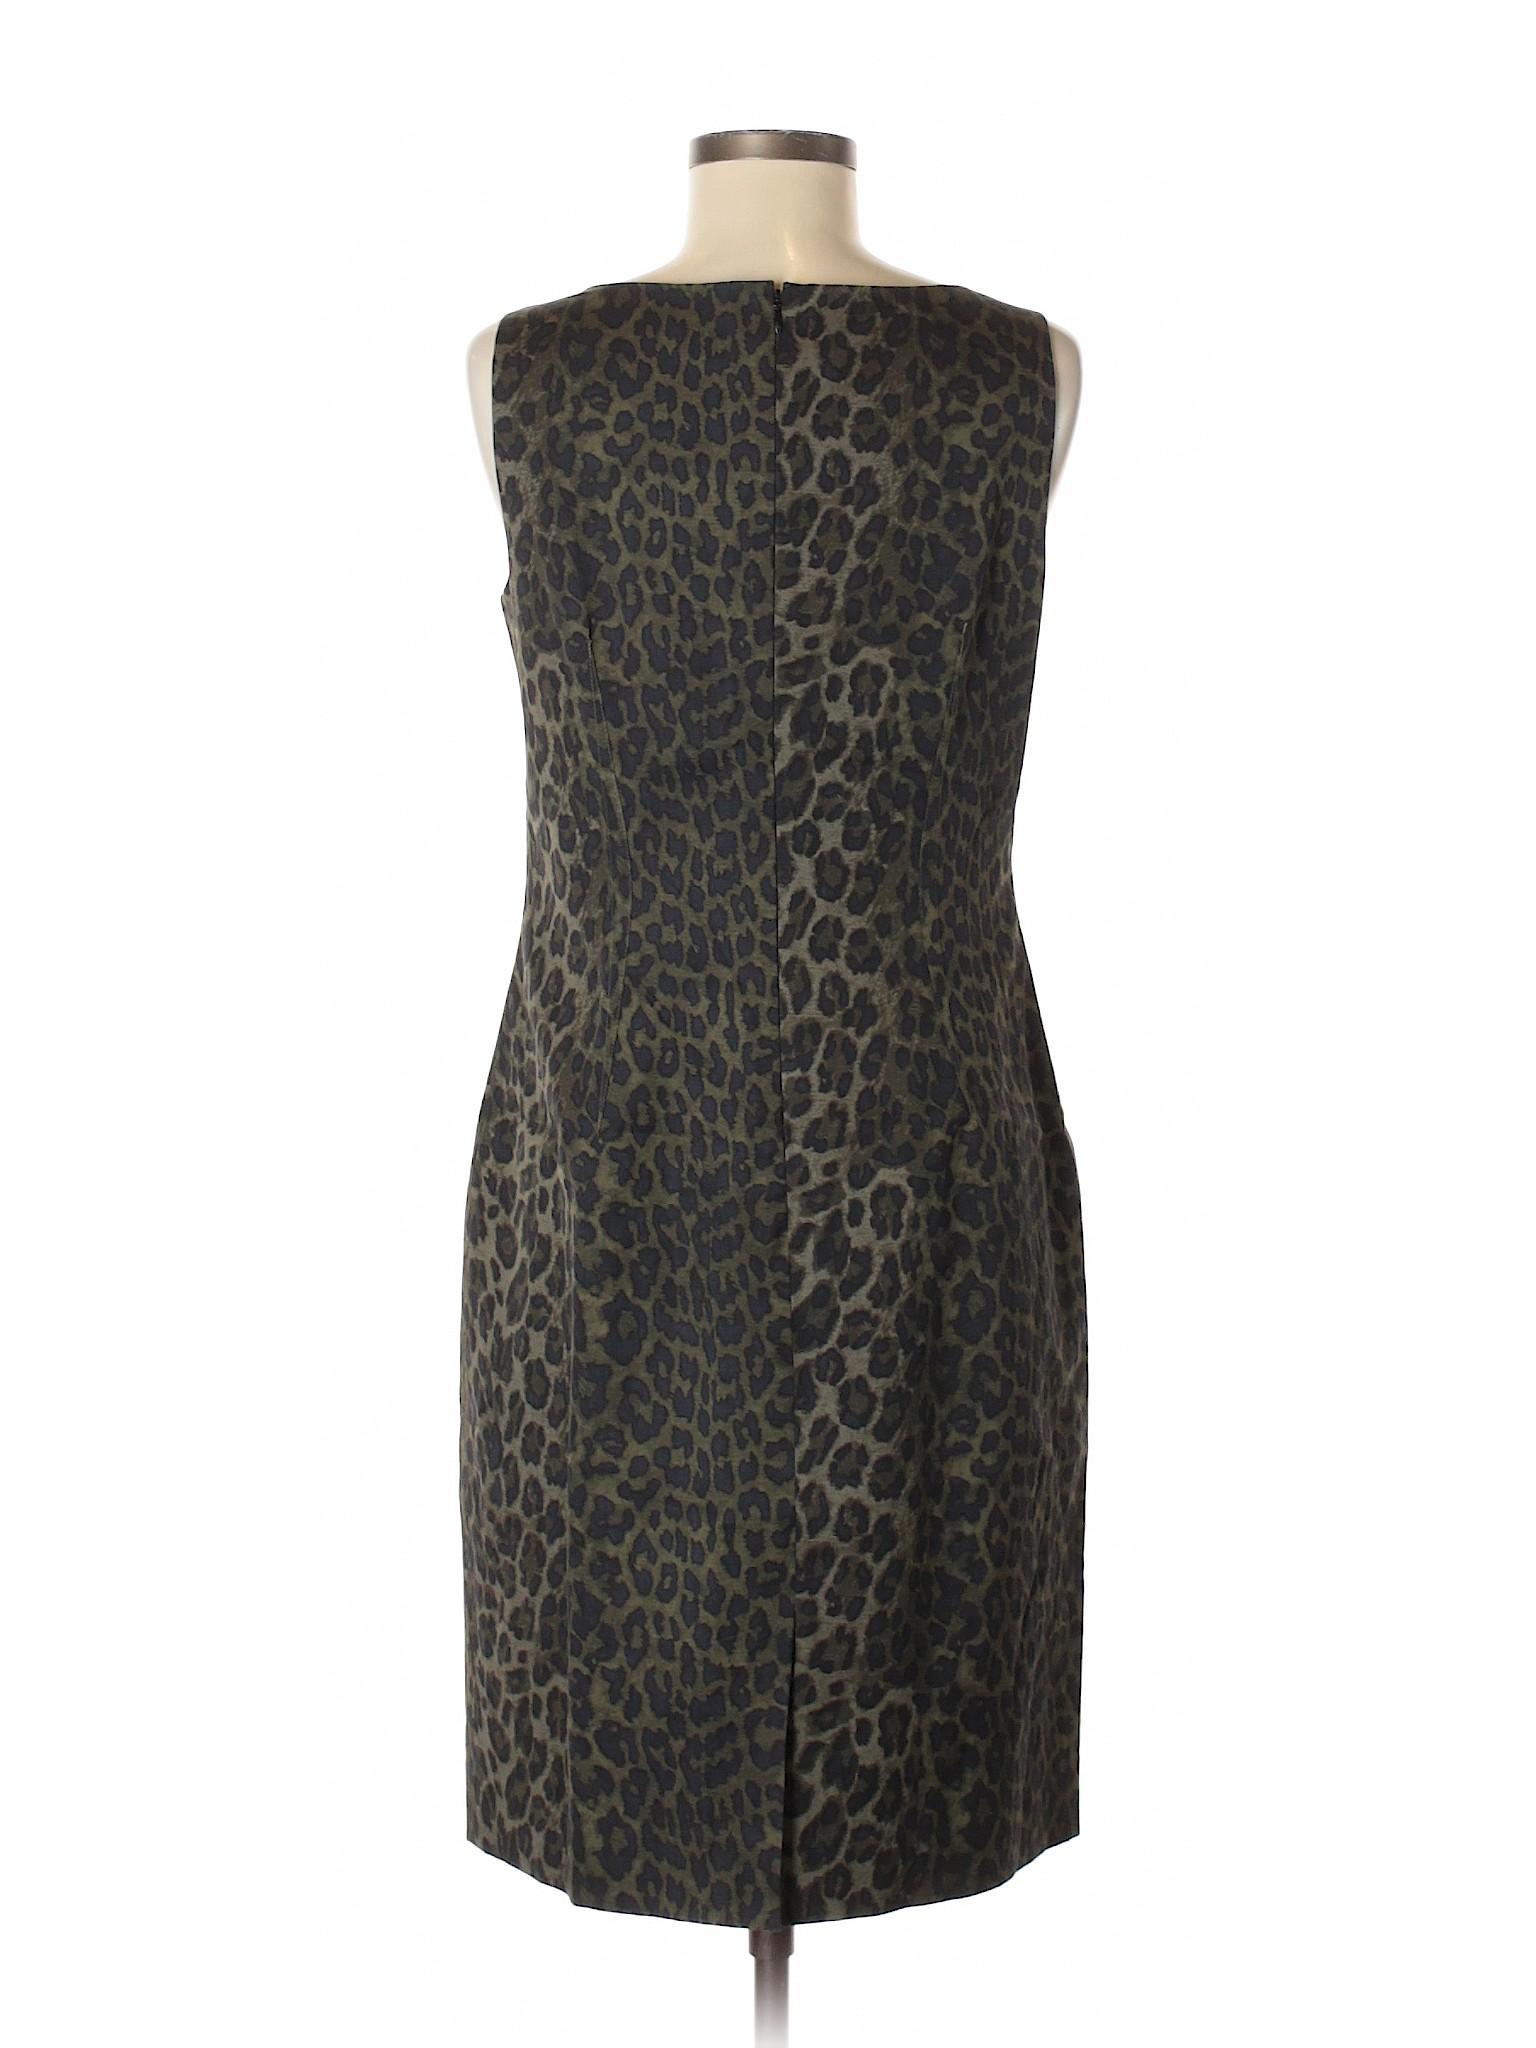 Boutique Dress Casual Ann winter Taylor YwqFYr